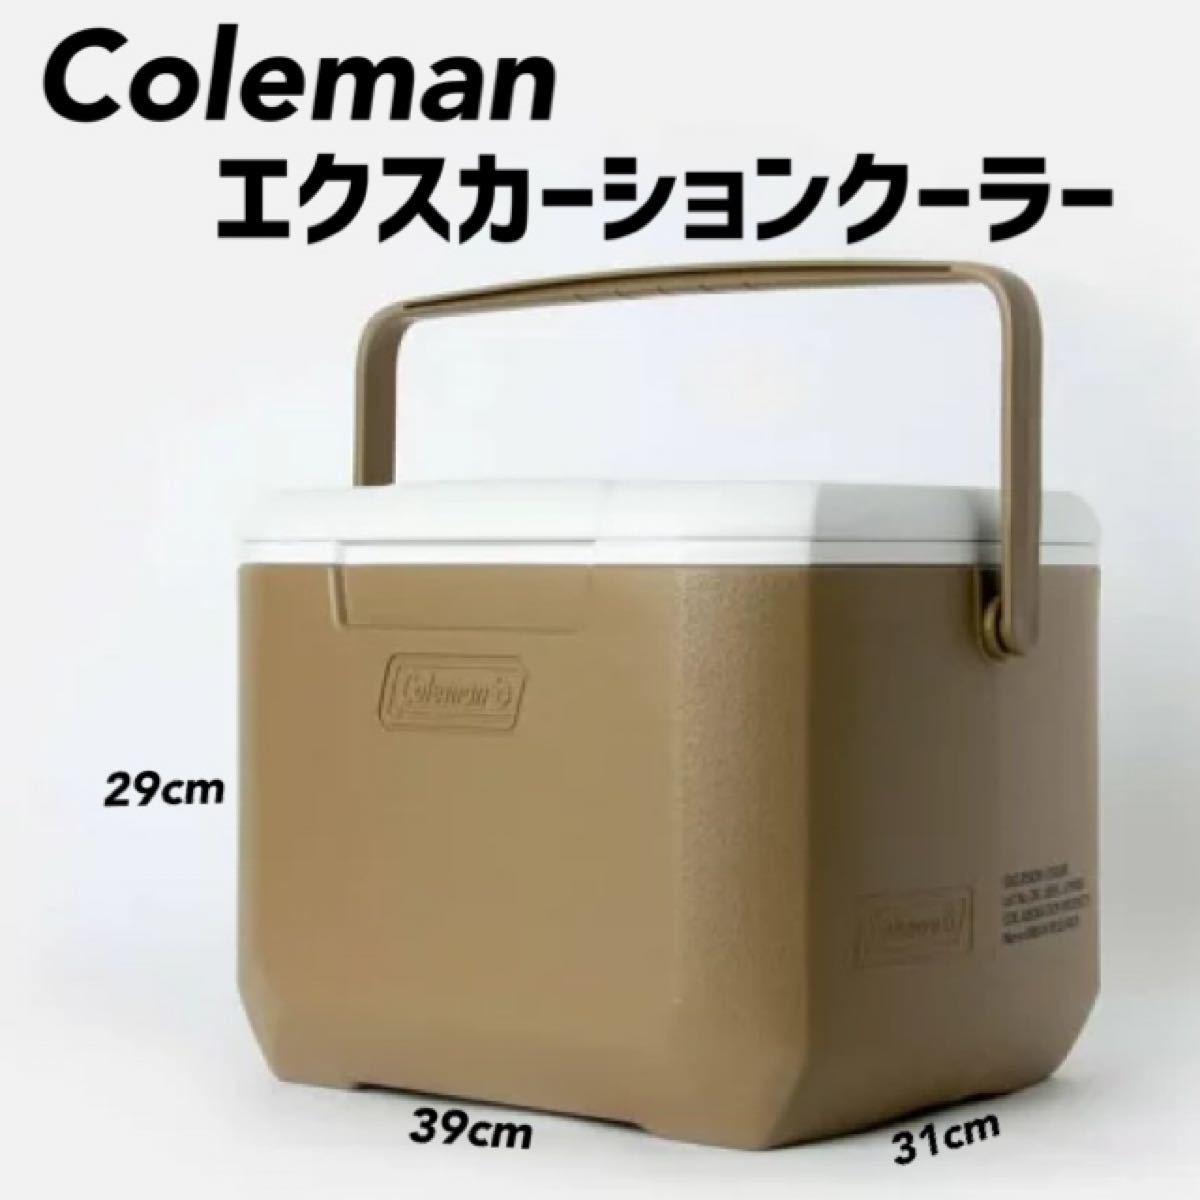 Coleman コールマン エクスカーションクーラー